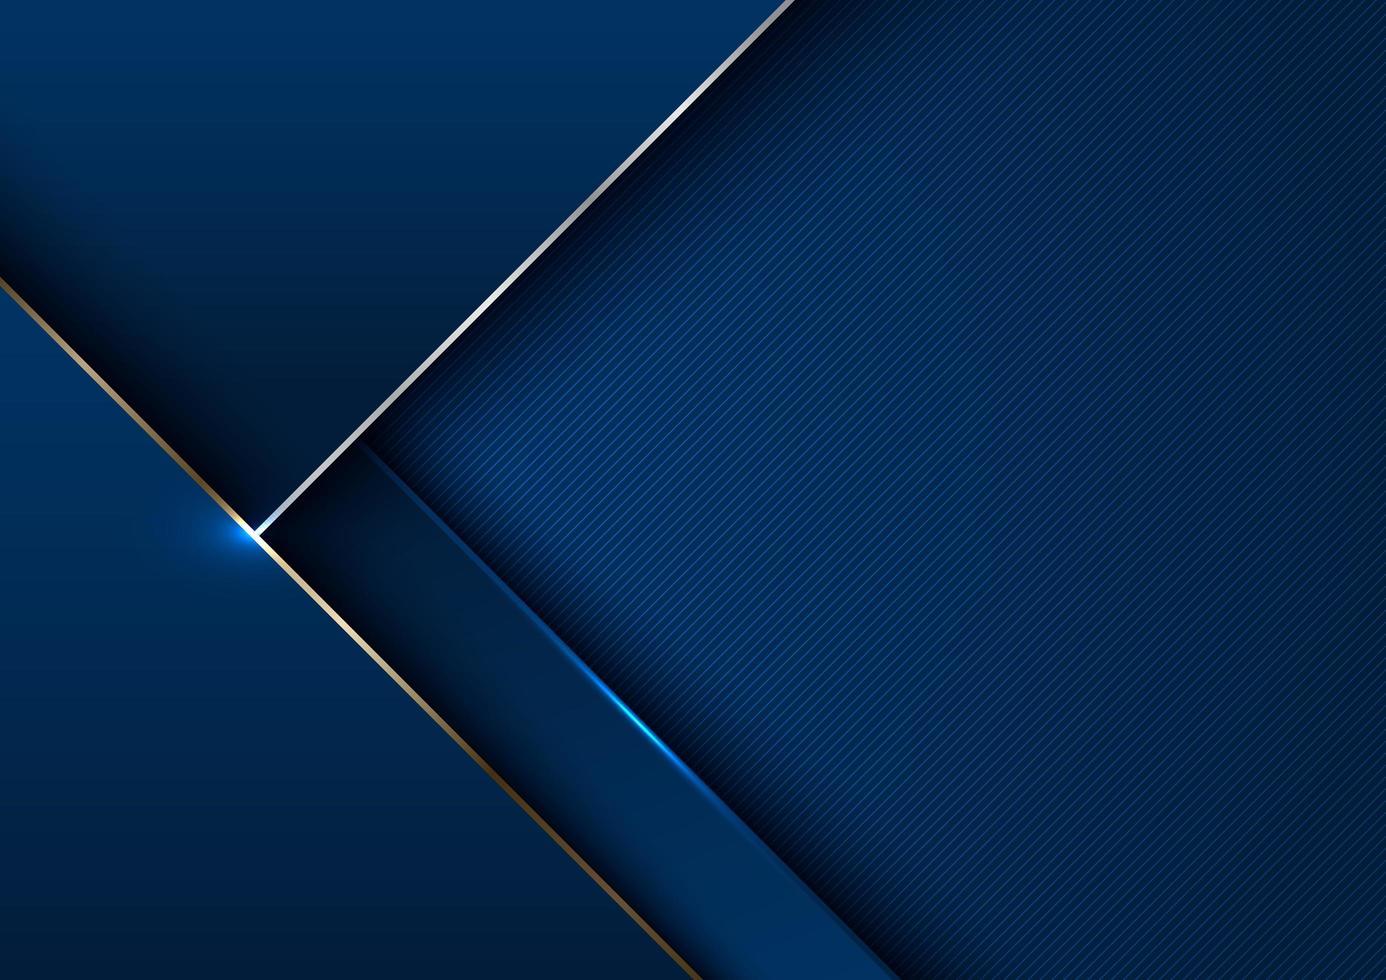 modèle élégant abstrait bleu géométrique avec or métallique vecteur